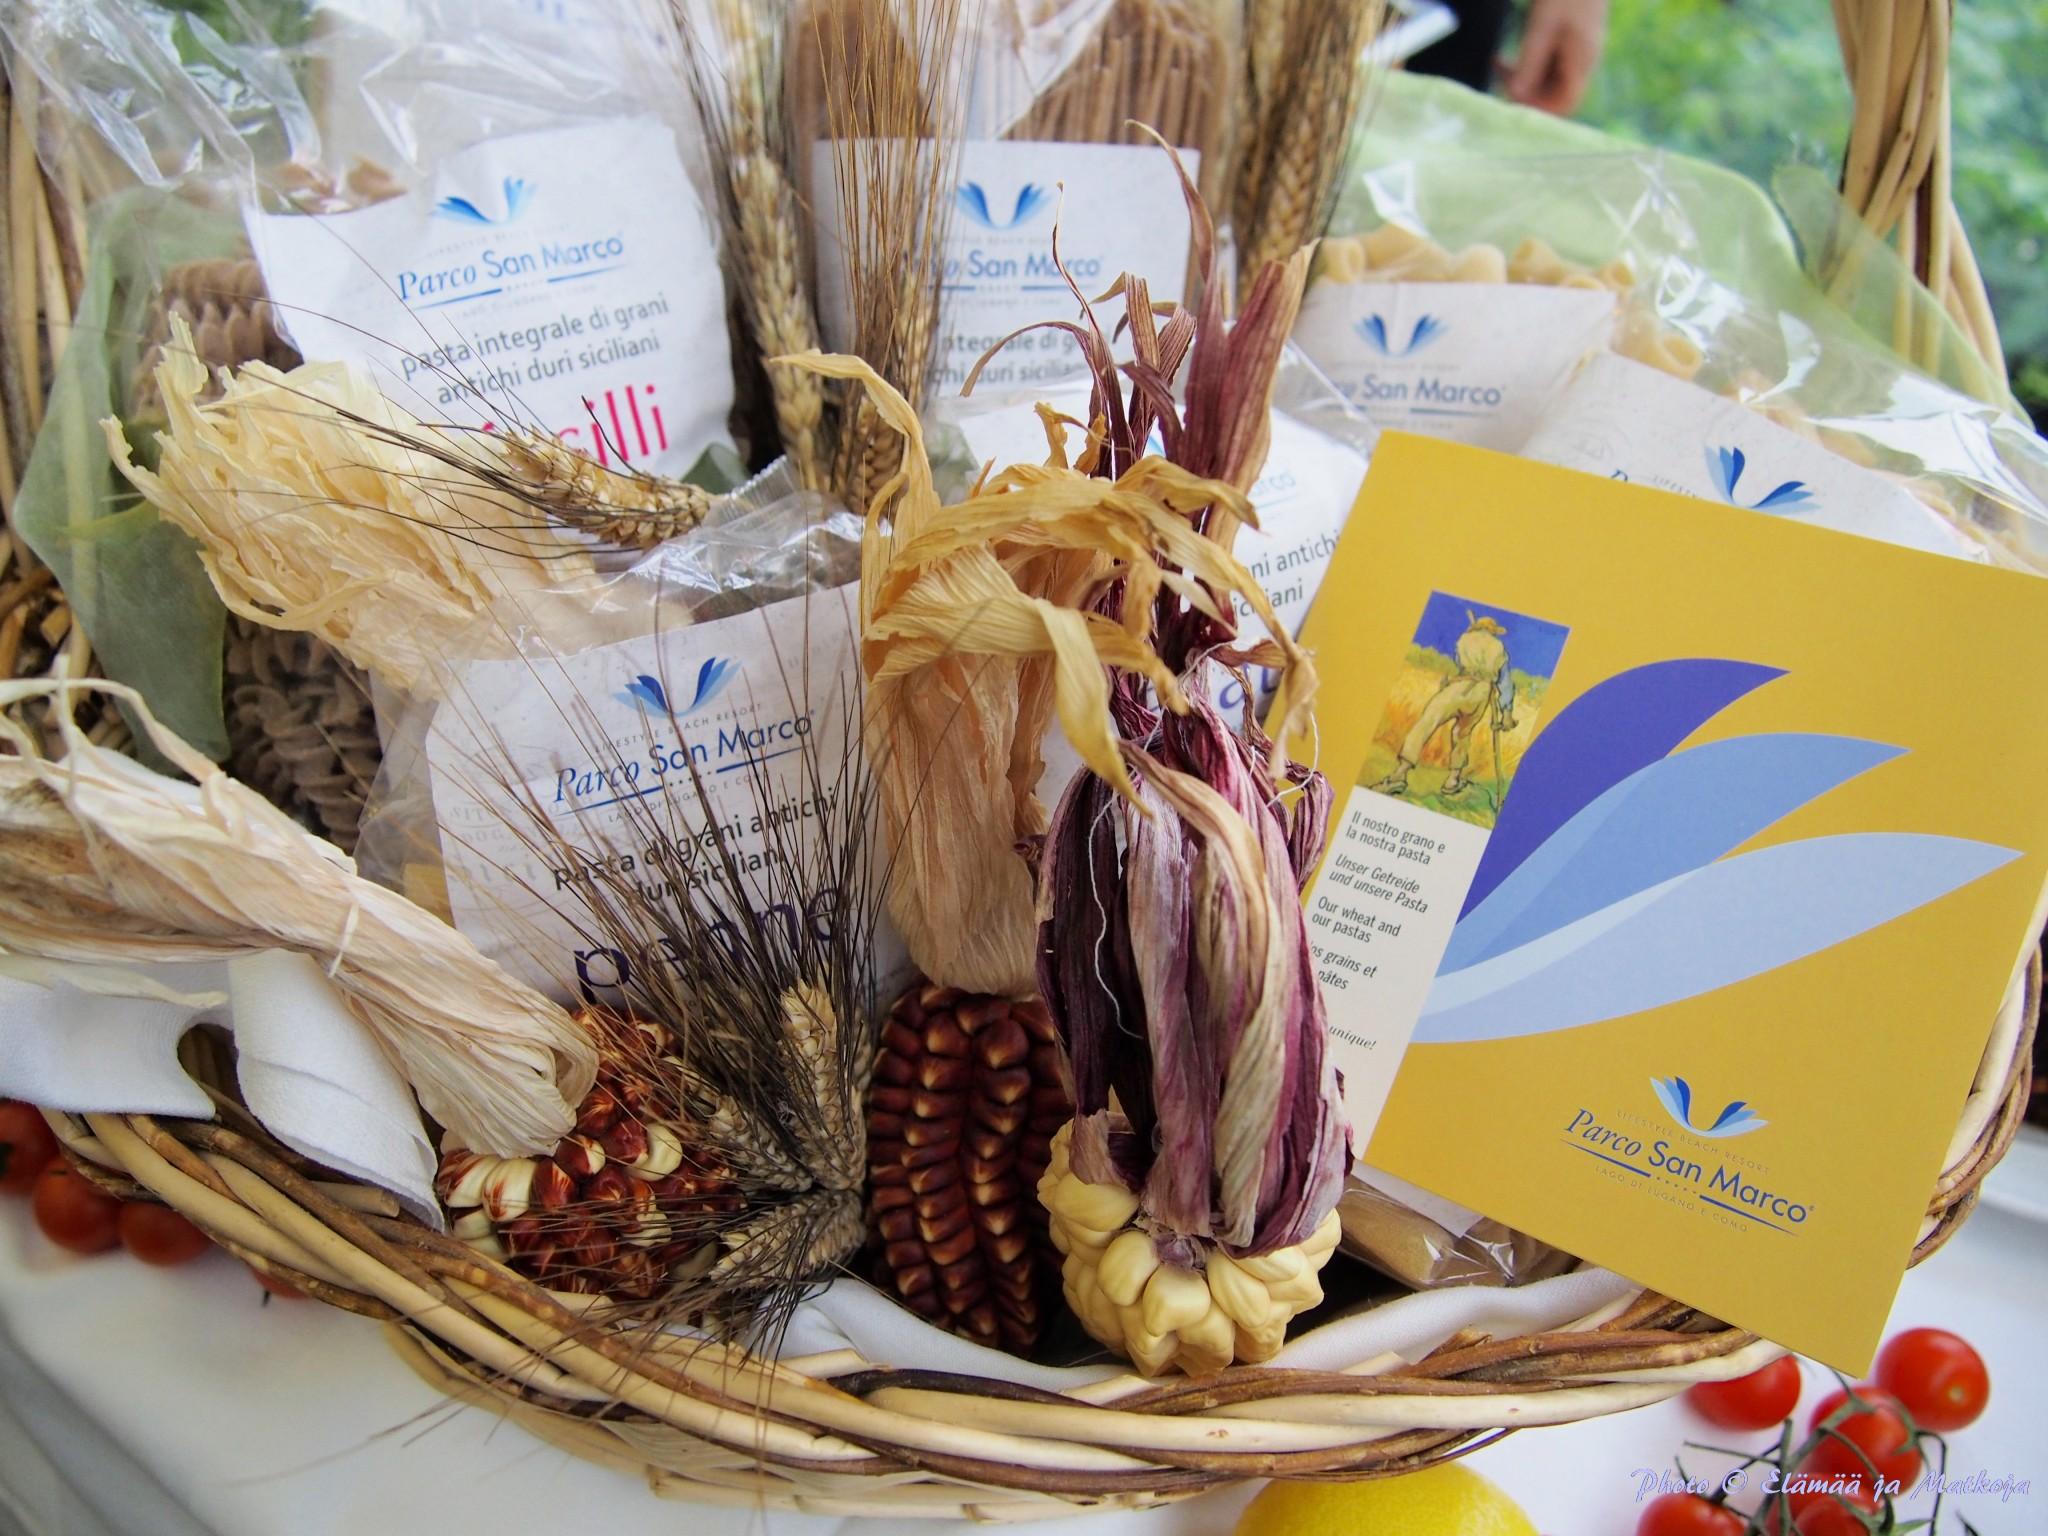 Parco San Marcon pasta valmistetaan semolina viljasta käsin perinteisin menetelmin Damigella tilalla Sisiliassa. Photo © Elämää ja Matkoja